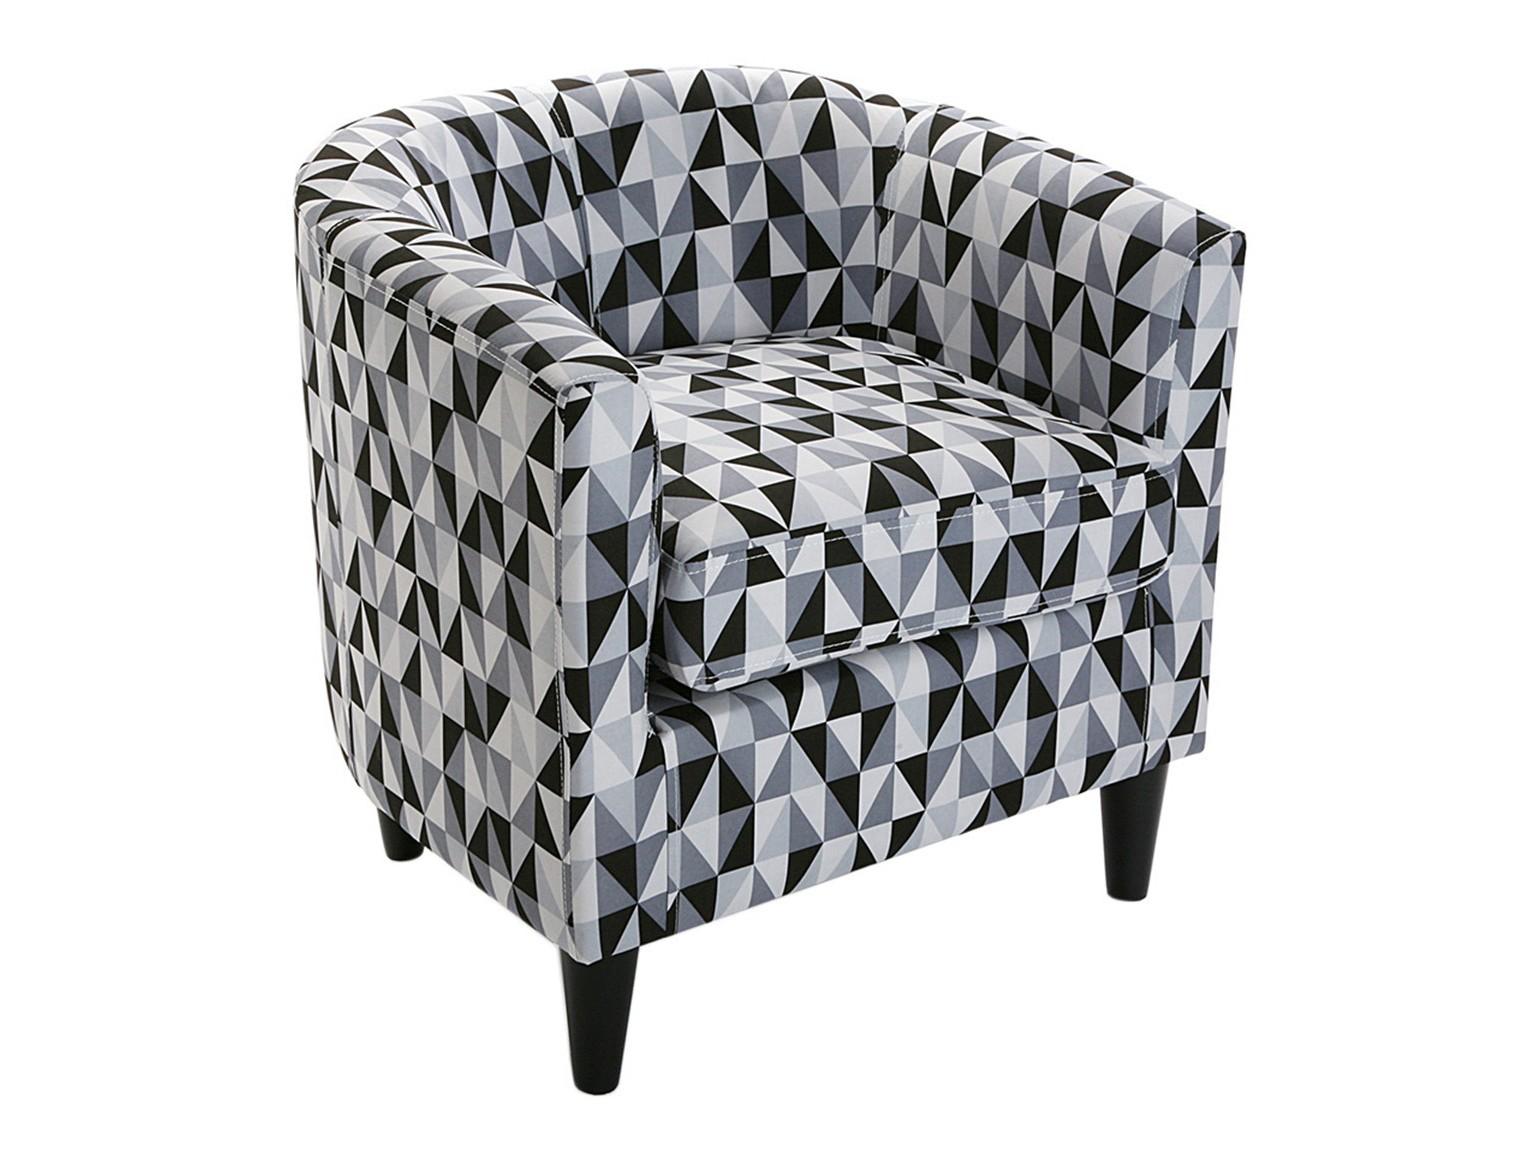 Кресло Colibri 15436751 от thefurnish